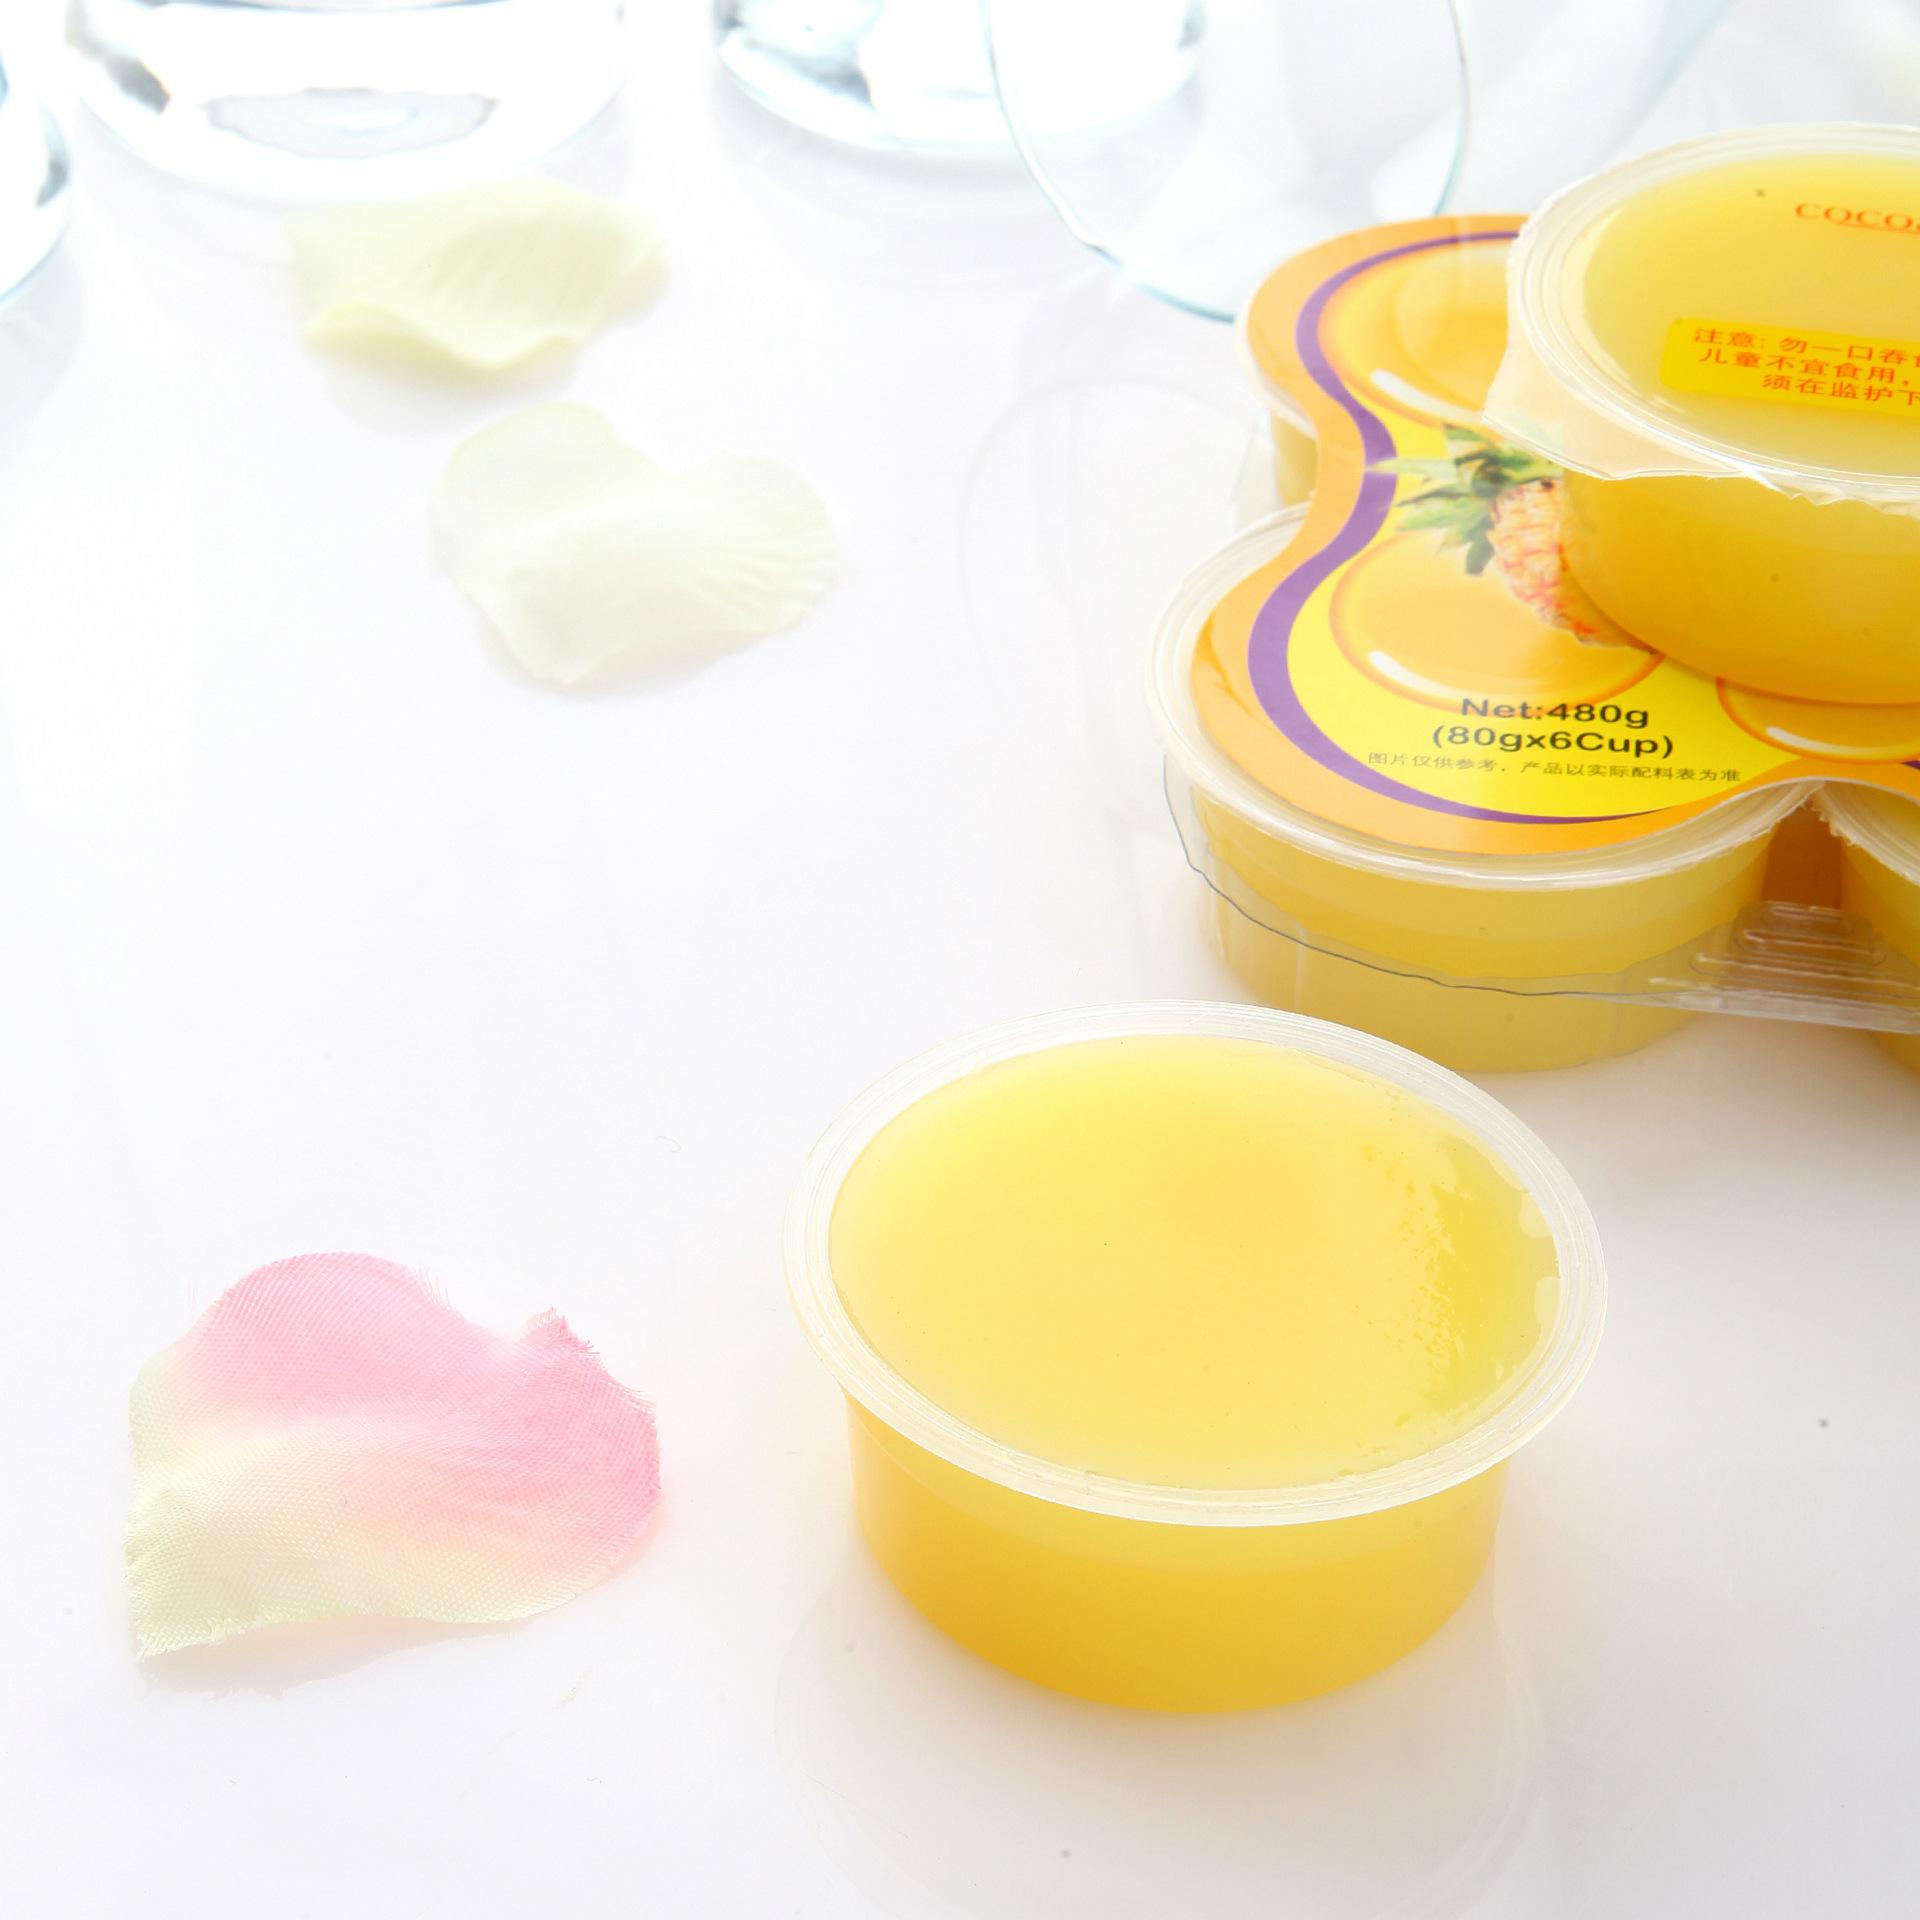 马卡兰菠萝味果冻(含椰果)六杯装厂家直供直销 马卡兰品牌休闲食品果冻、果冻批发